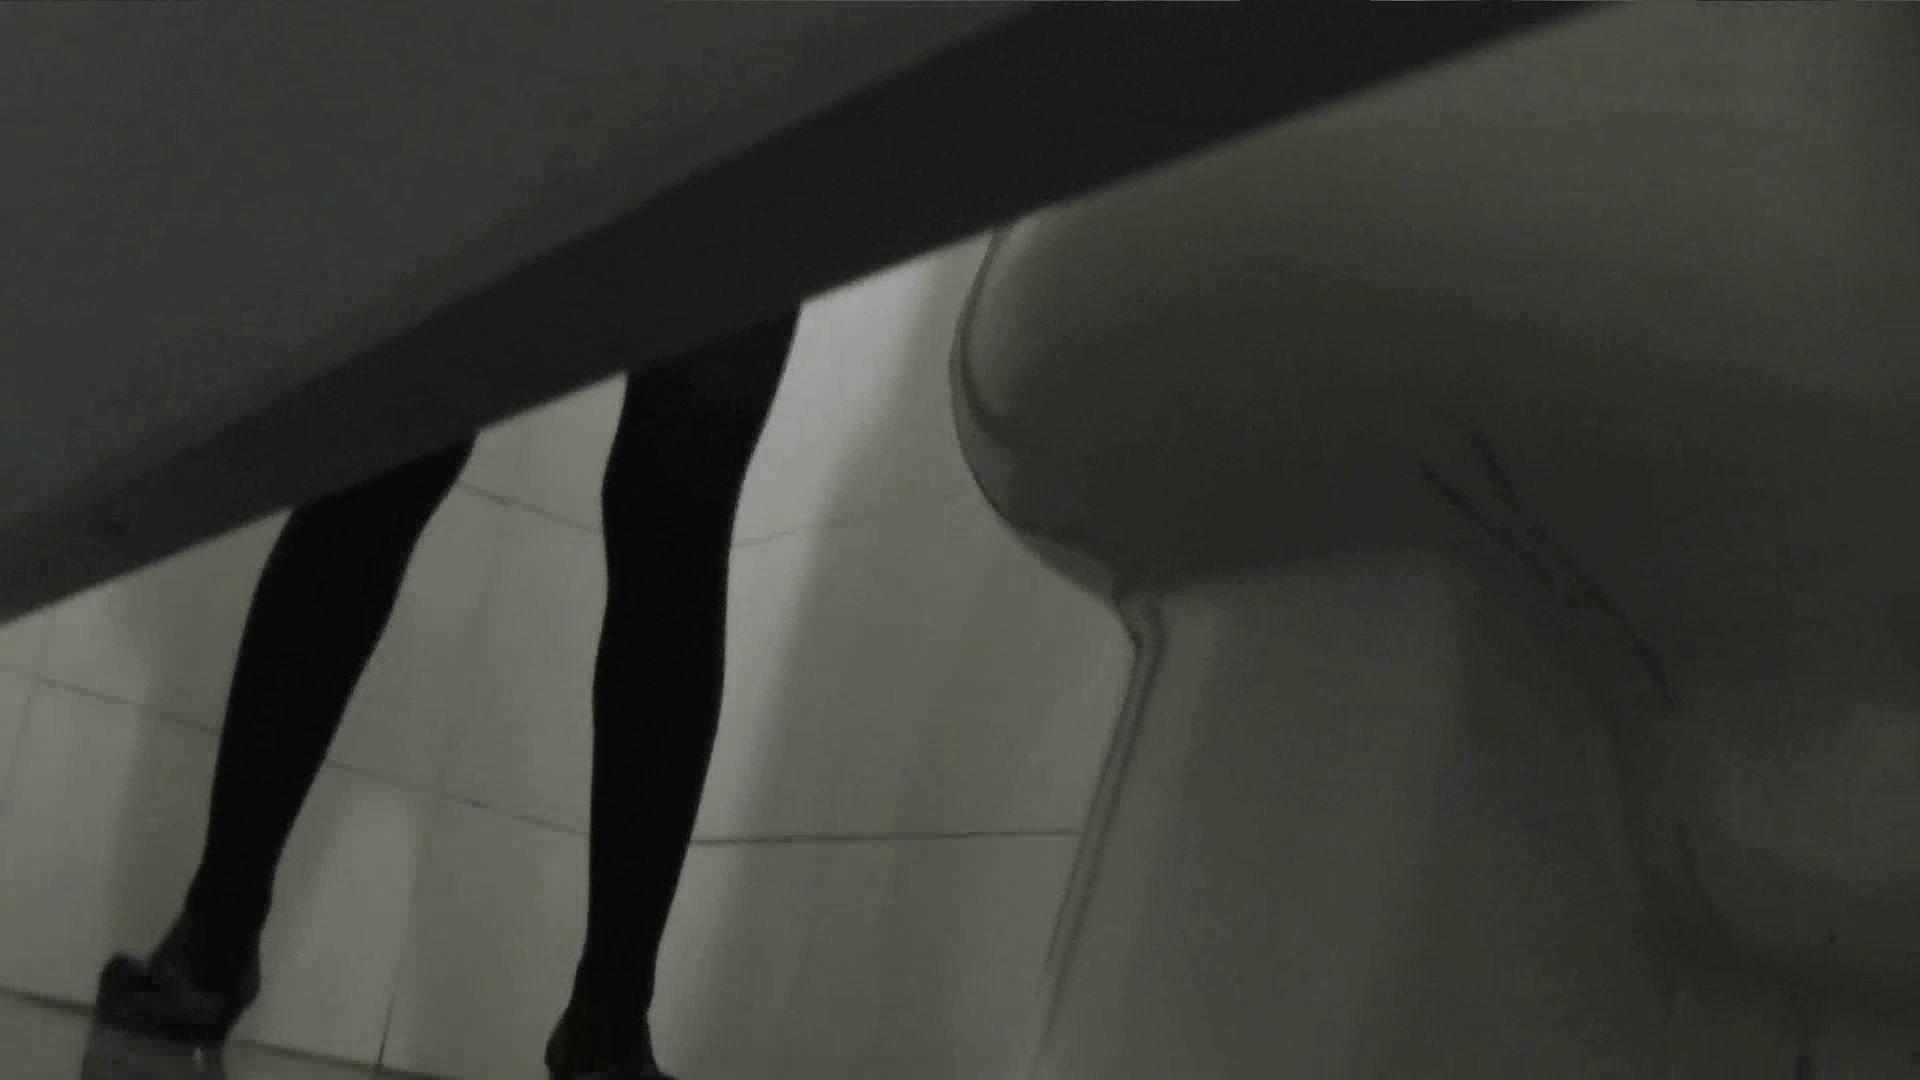 日本成人用品展览会。vol.02 着替えシーンもありマス 潜入 | 美女OL  41連発 7